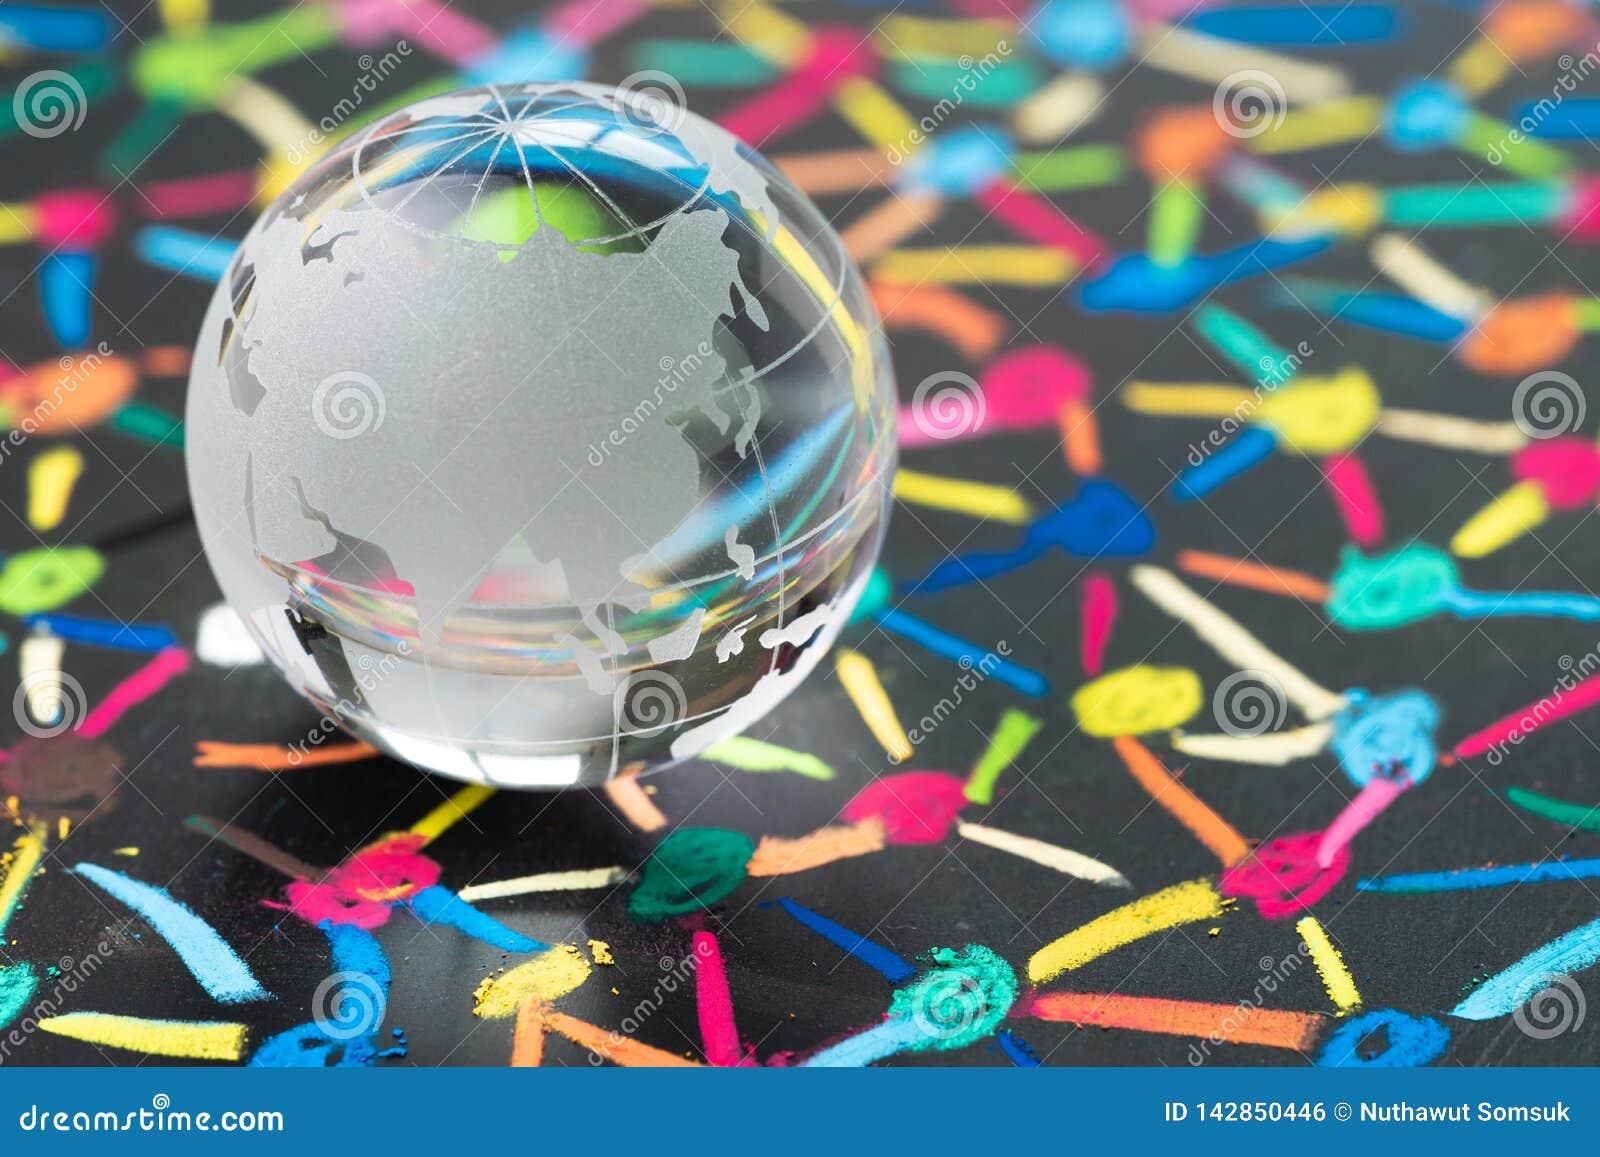 De globalisering, het sociale netwerk of connectiviteitswereldconcept, kleine decoratiebol met China en Azië brengt op kleurrijke